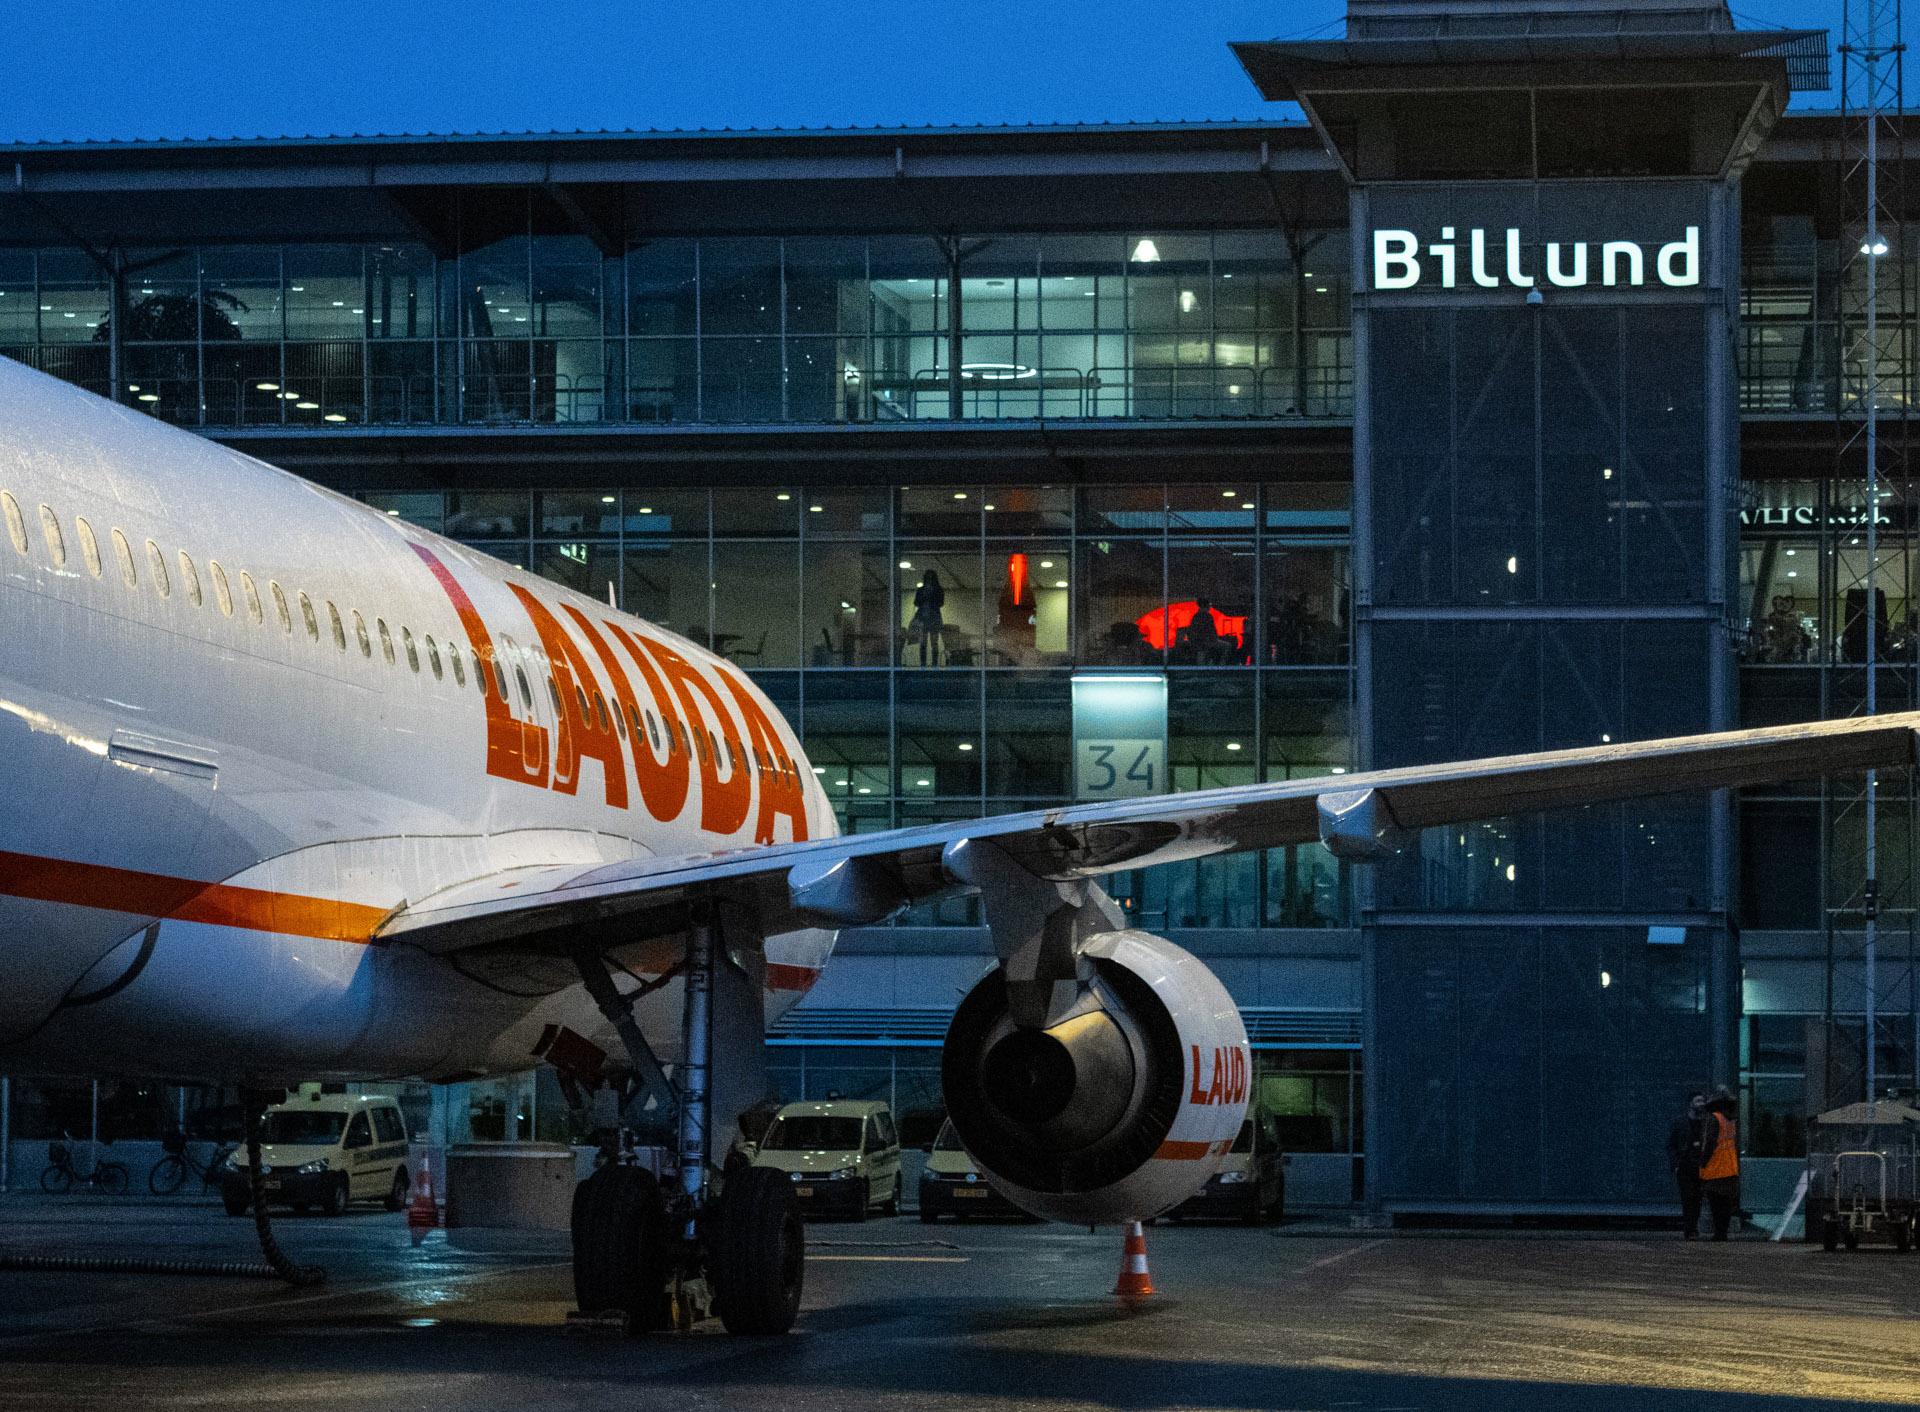 Stor vækst: Billund Lufthavn sætter punktum for 2019 med manér